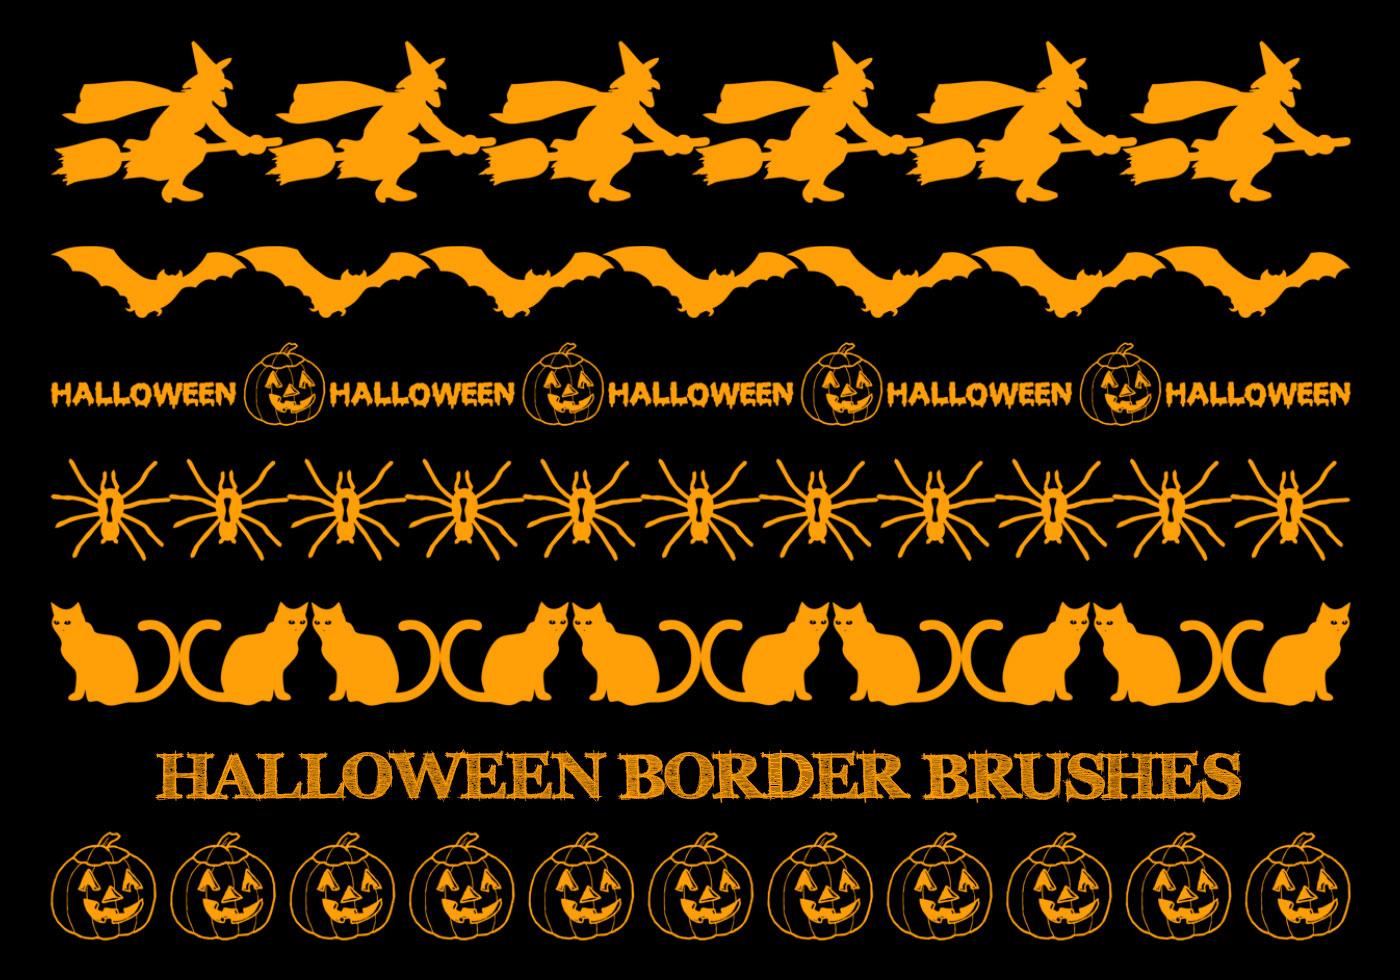 Halloween Border Brushes Free Photoshop Brushes At Brusheezy